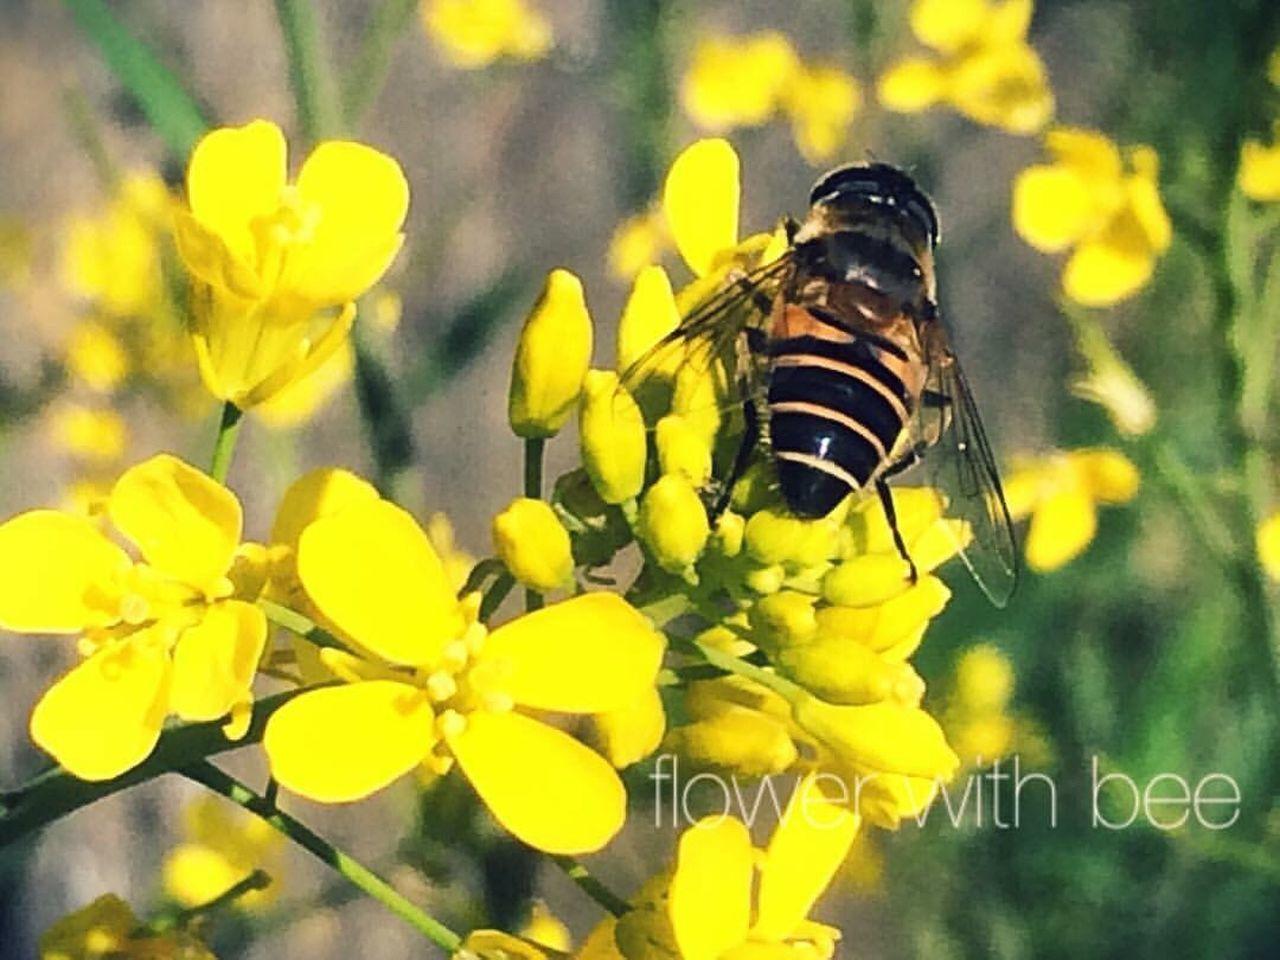 ハチ 春 菜の花 写真 Picture Pic Photography Photo Spring Springtime Spring Flowers Bee Flowers Flower Japan